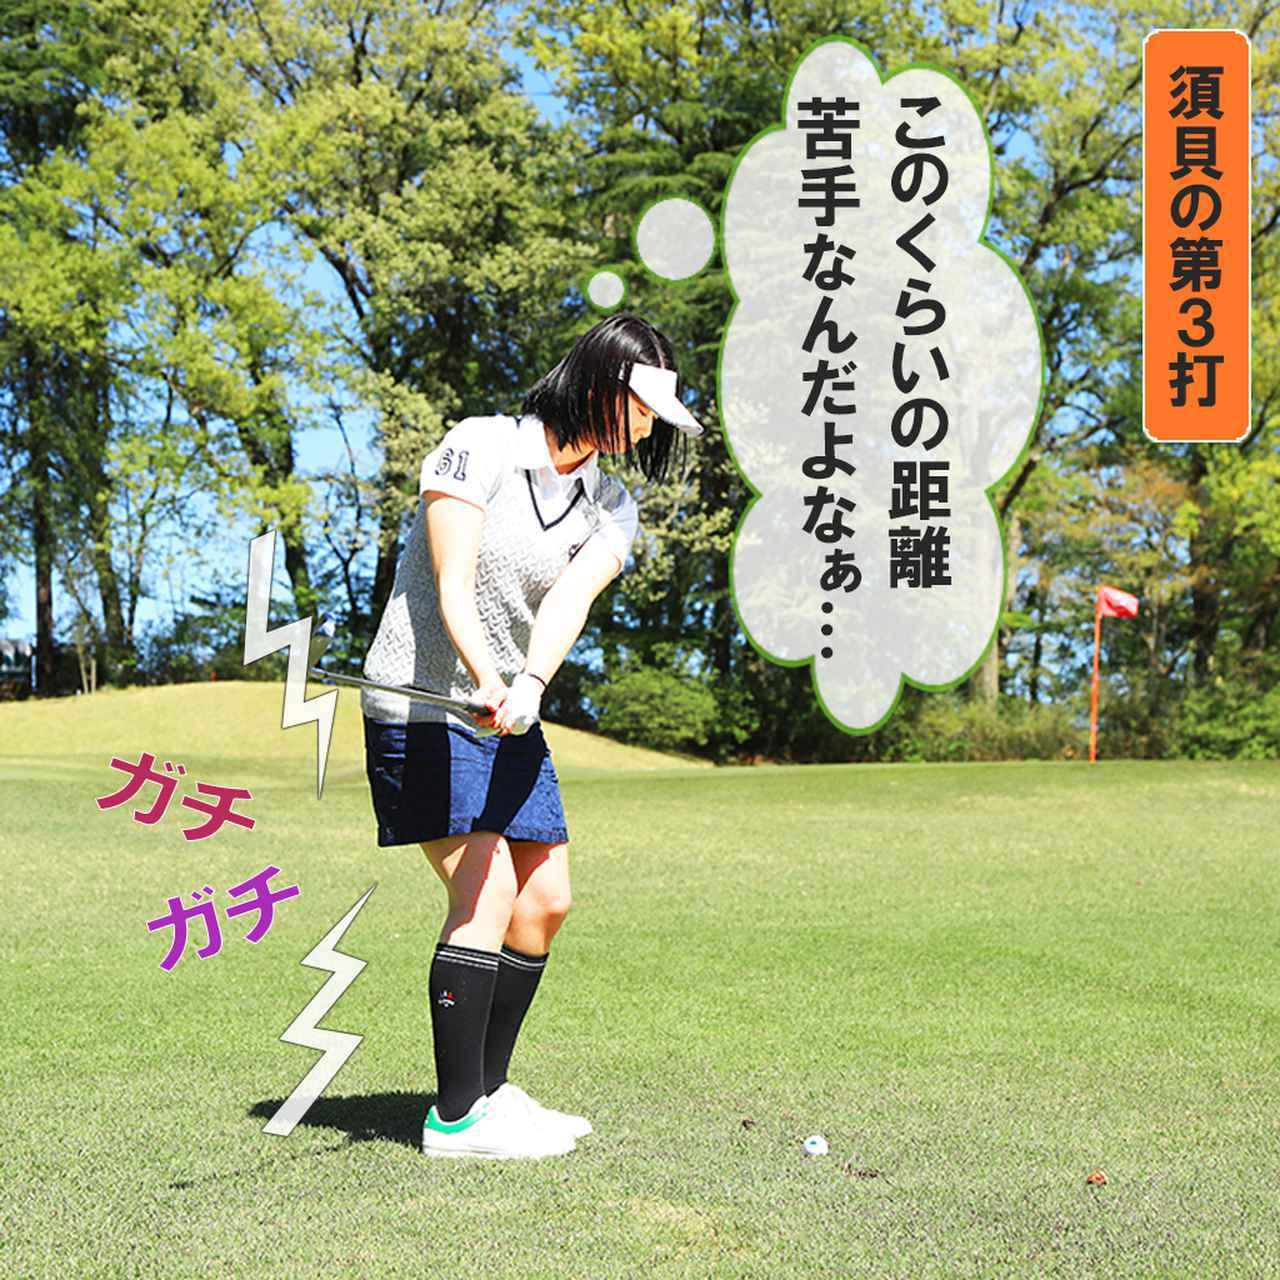 画像1: 【新ルール】ザックリした後に芝を直したけど、これってペナルティあり? なし?